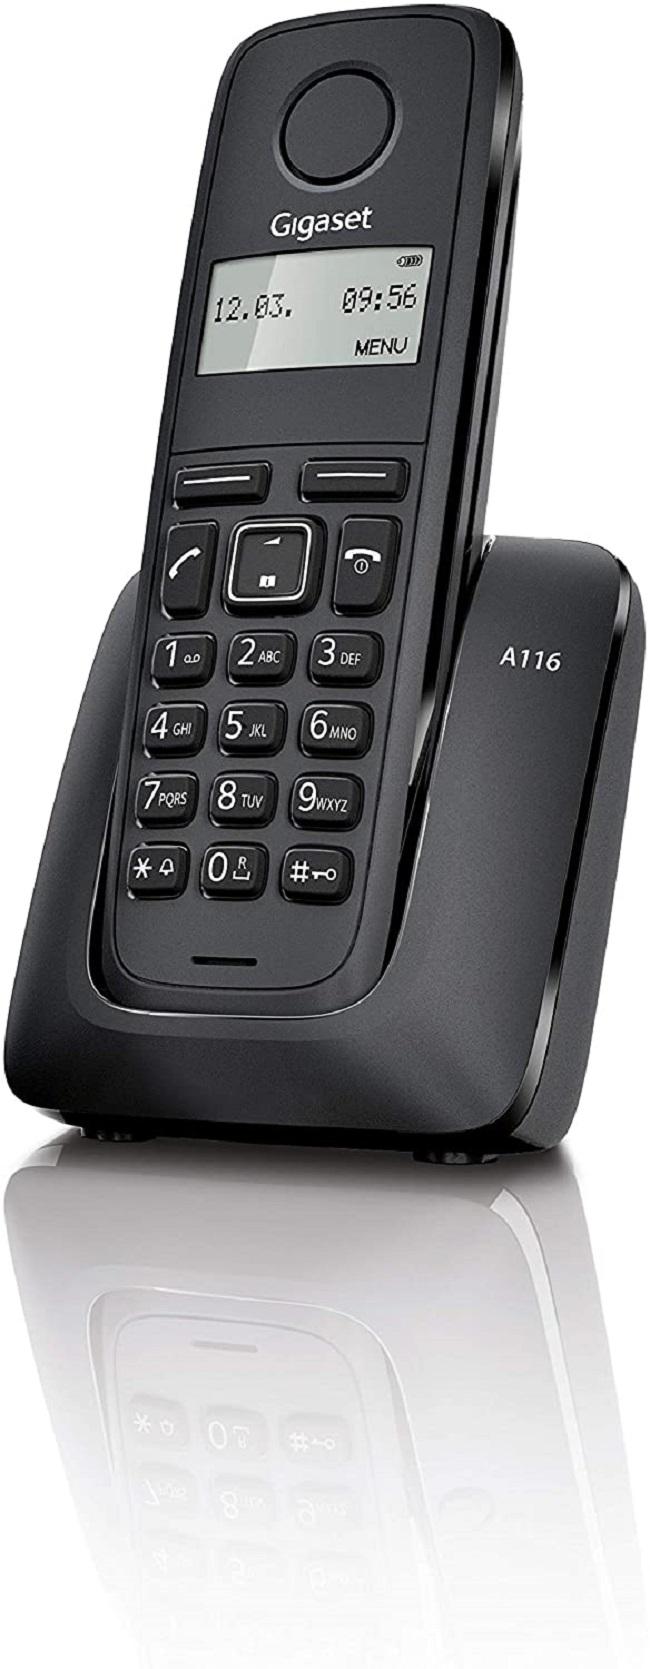 descripcion telefono gigaset a116